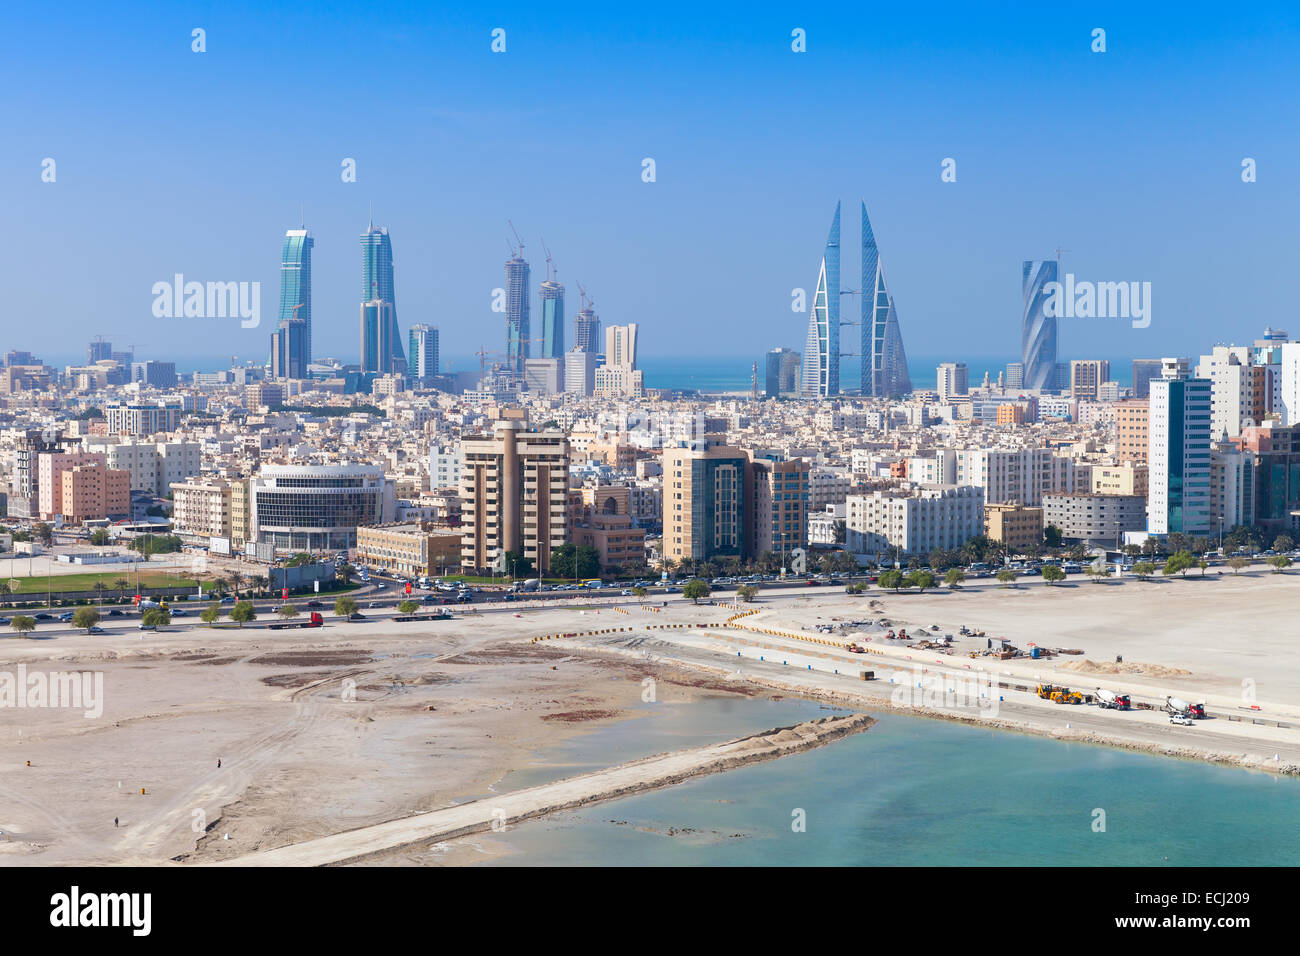 Bird view di Manama City, in Bahrain. Skyline con moderni grattacieli permanente sulla costa del Golfo Persico Immagini Stock